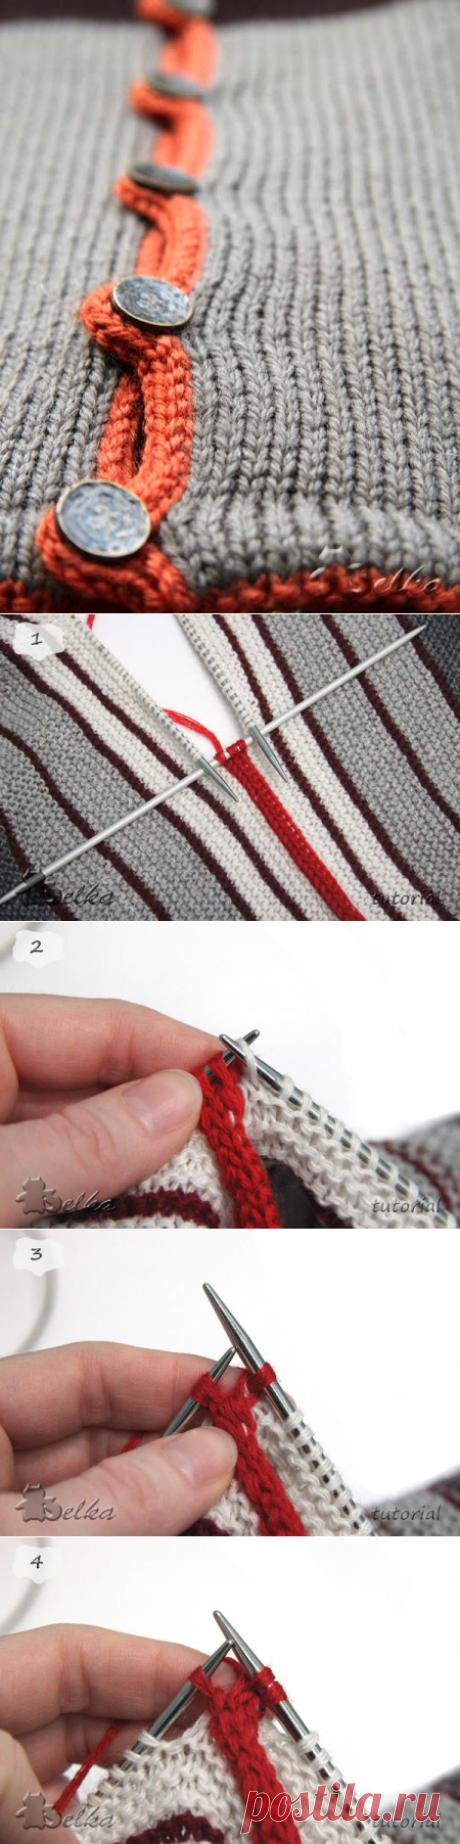 El modo completamente admirable de la unión de las telas y el ribeteado del borde por el método i-cord. MK